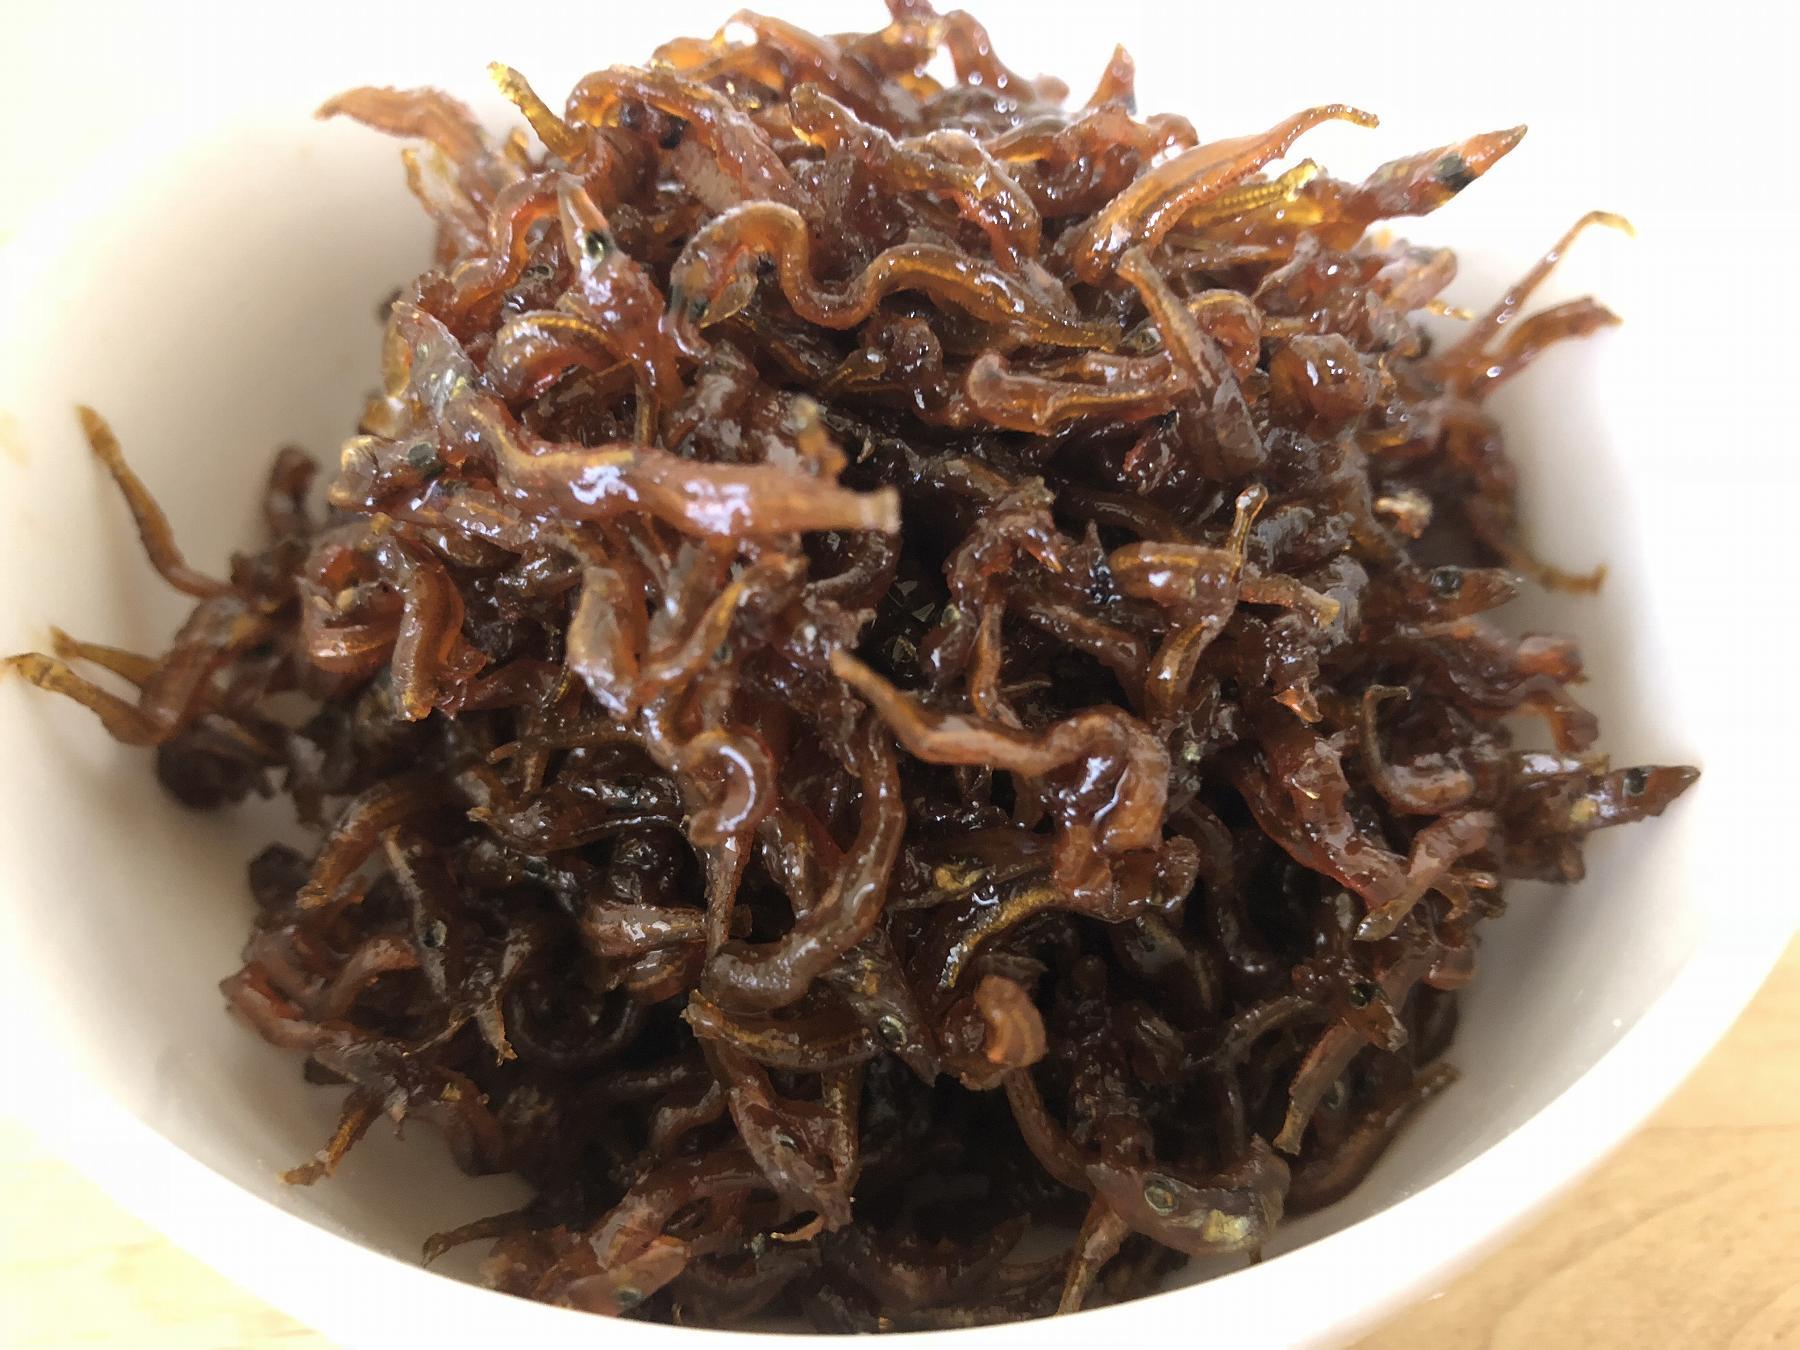 神戸・いかなご漁2018が2/26に解禁!いかなごのくぎ煮と「神戸・垂水いかなご祭」を楽しもう! #いかなご #いかなごのくぎ煮 #垂水いかなご祭